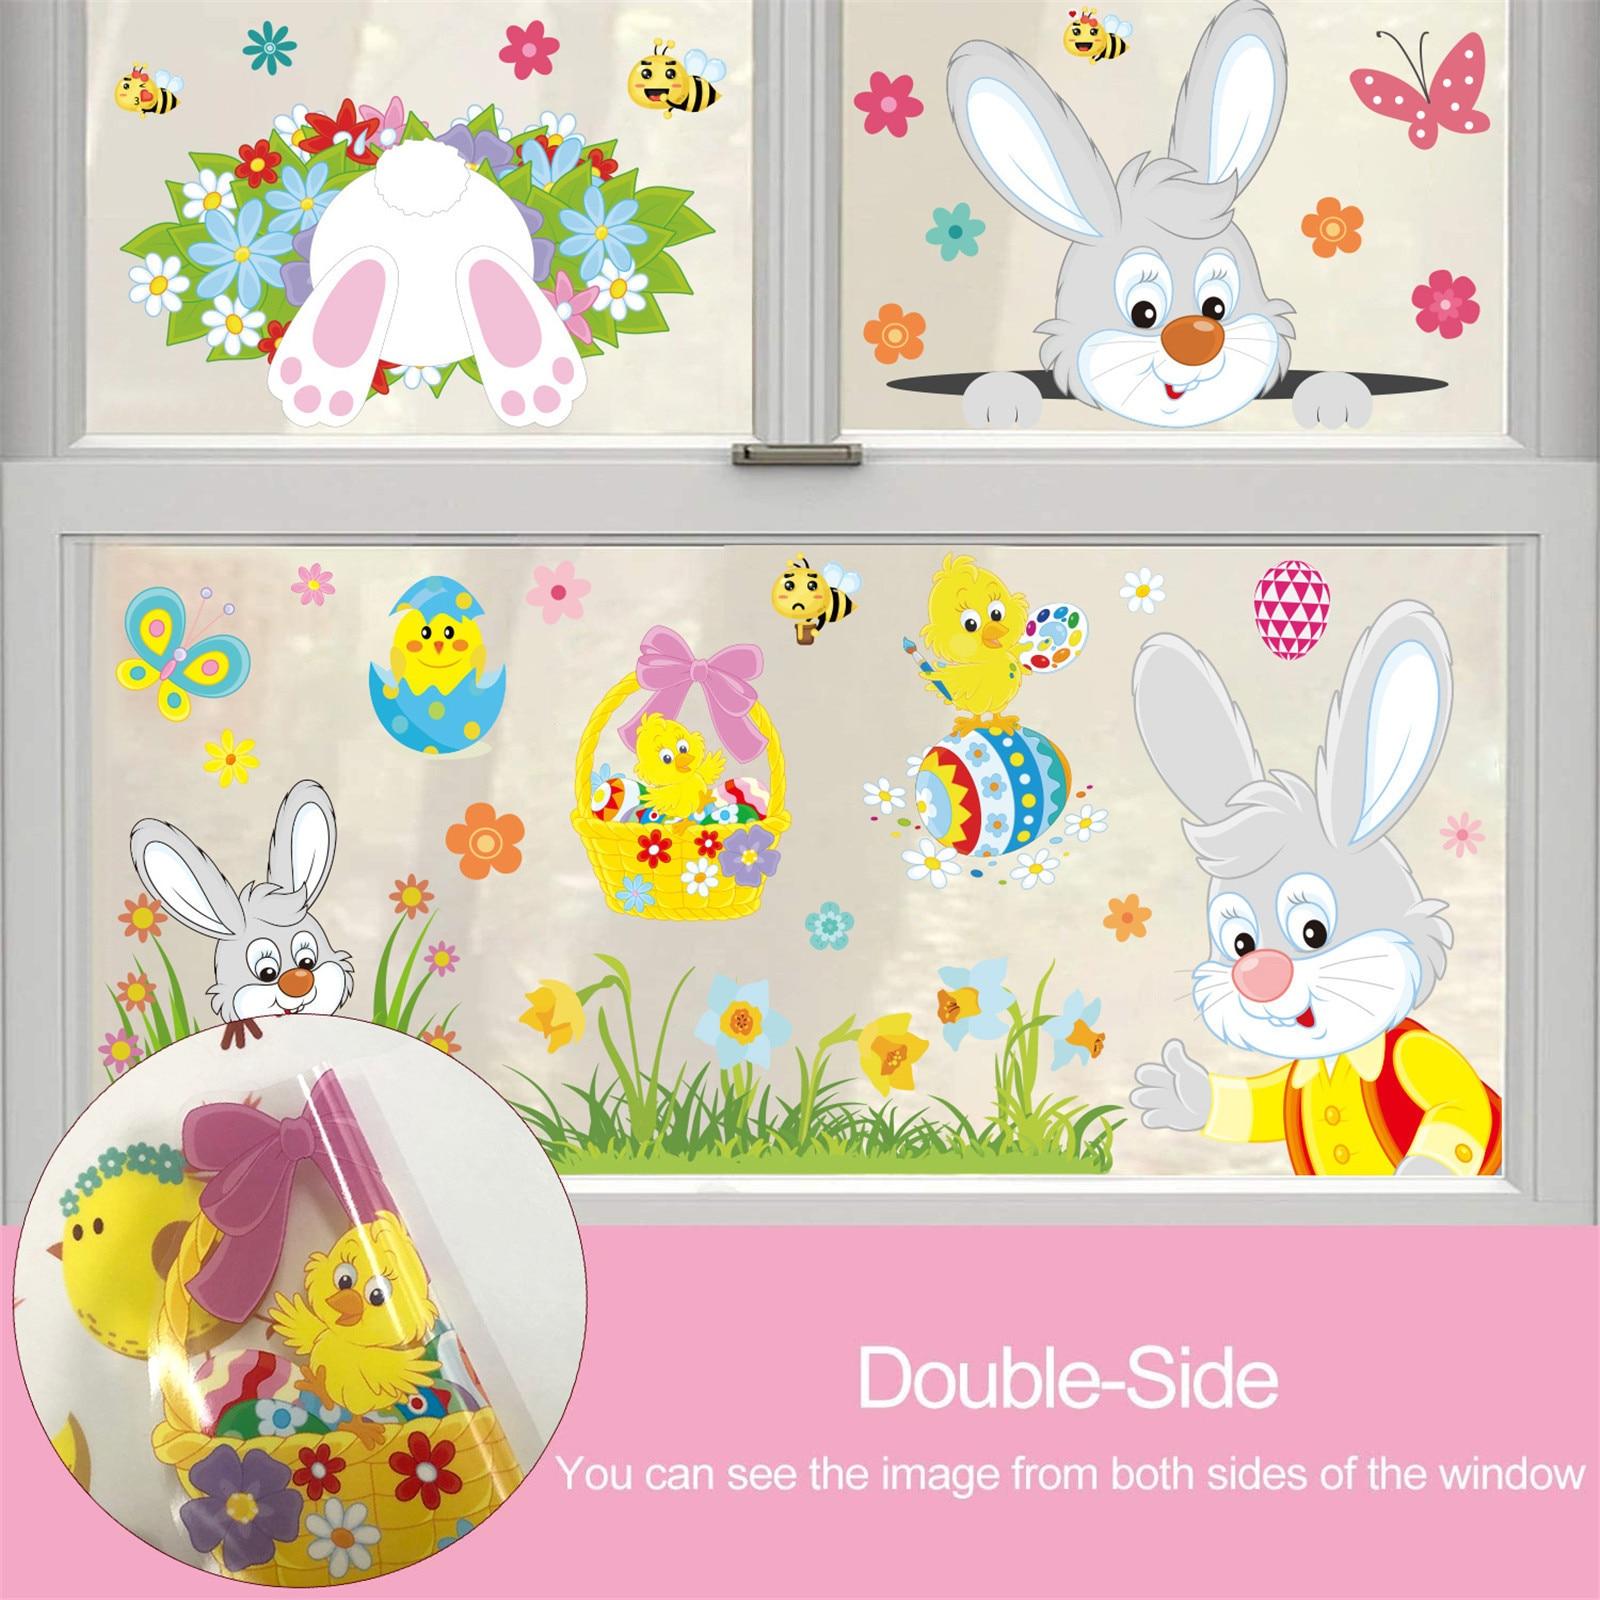 Páscoa dos desenhos animados crianças coelho pintainho etiqueta da janela adesivos de parede para casa decalques decoração ano novo 2021